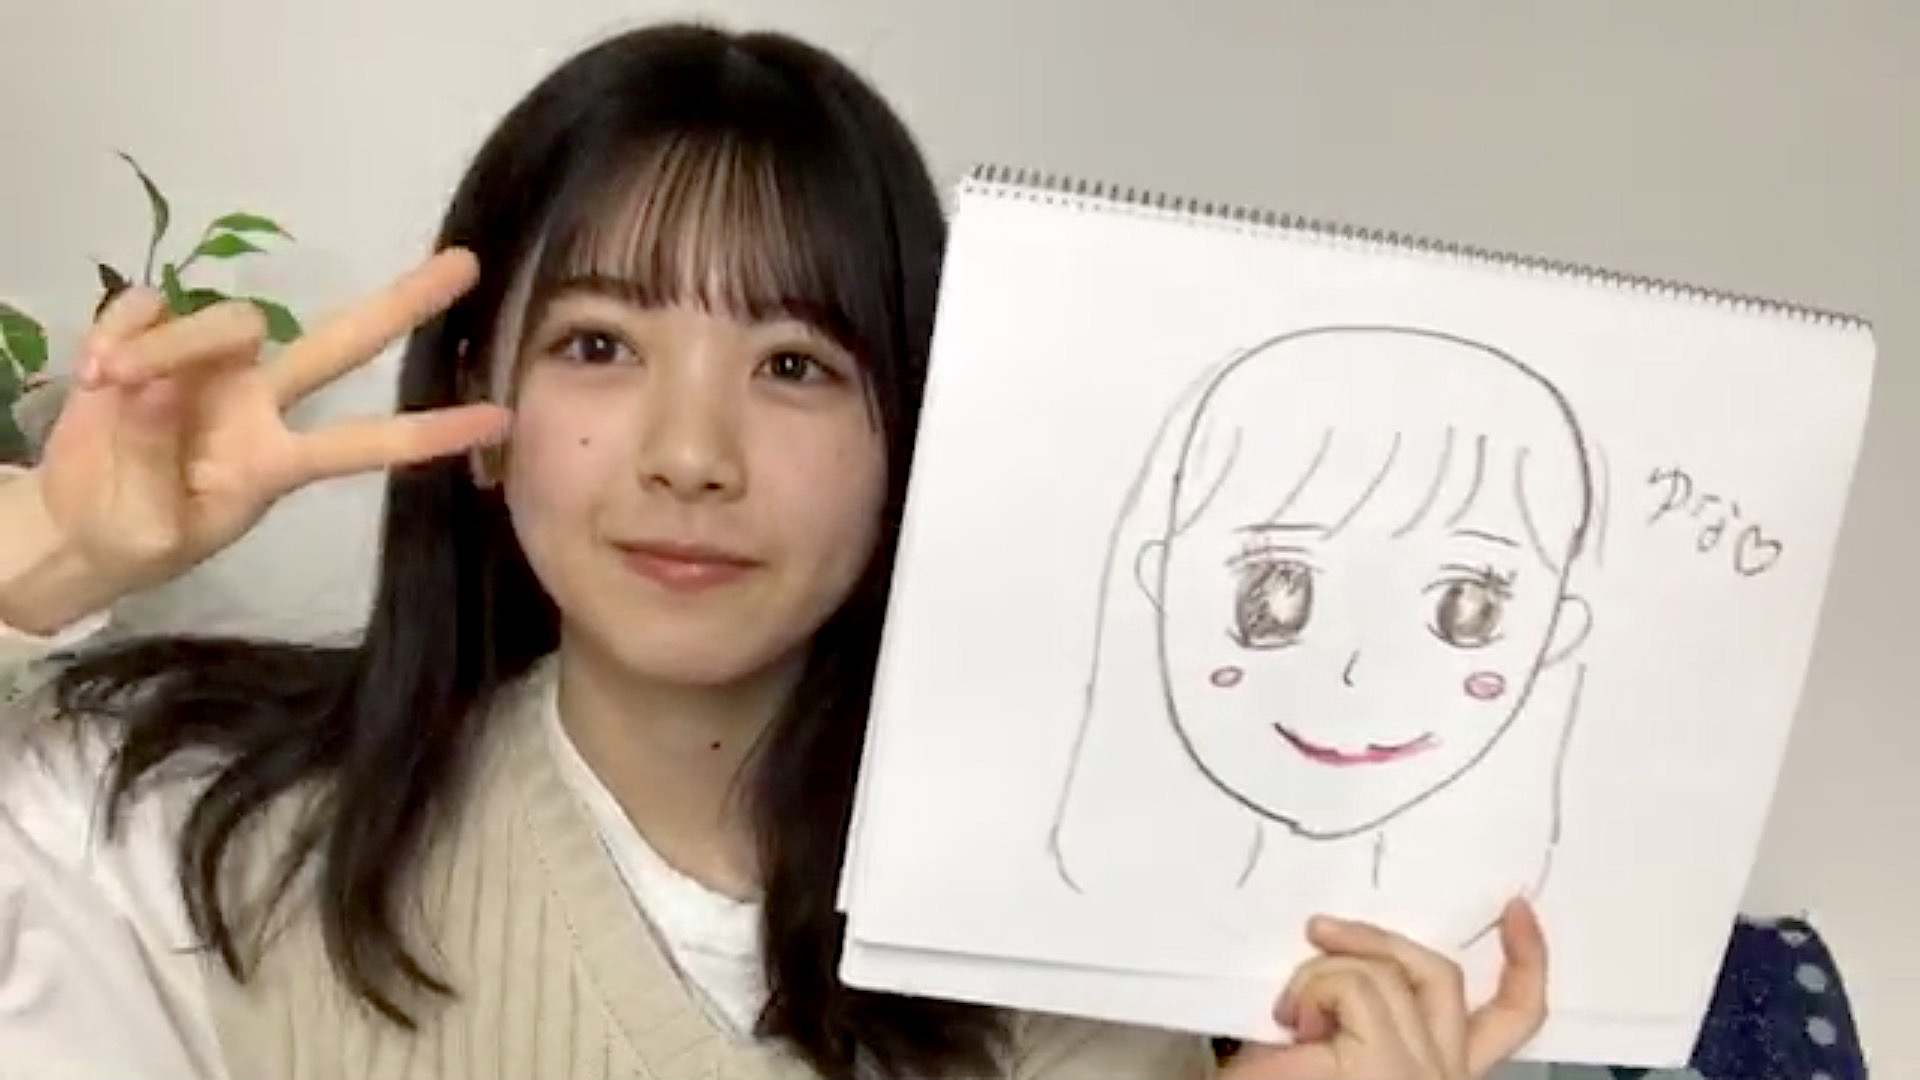 筒井あやめが描いた柴田柚菜の似顔絵